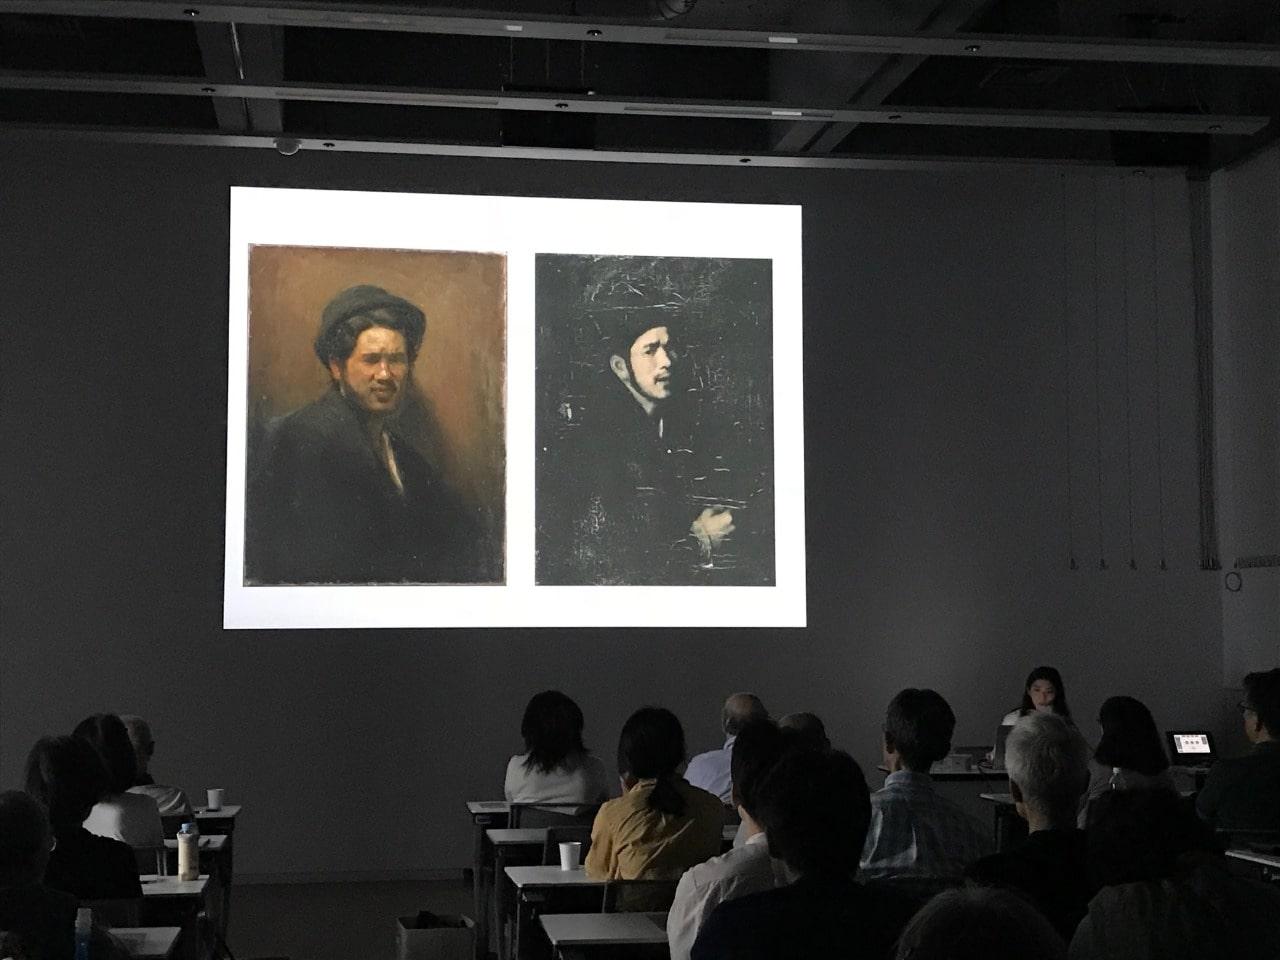 ARCレクチャー「中村彝(つね)とレンブラント − 自画像の魅力」